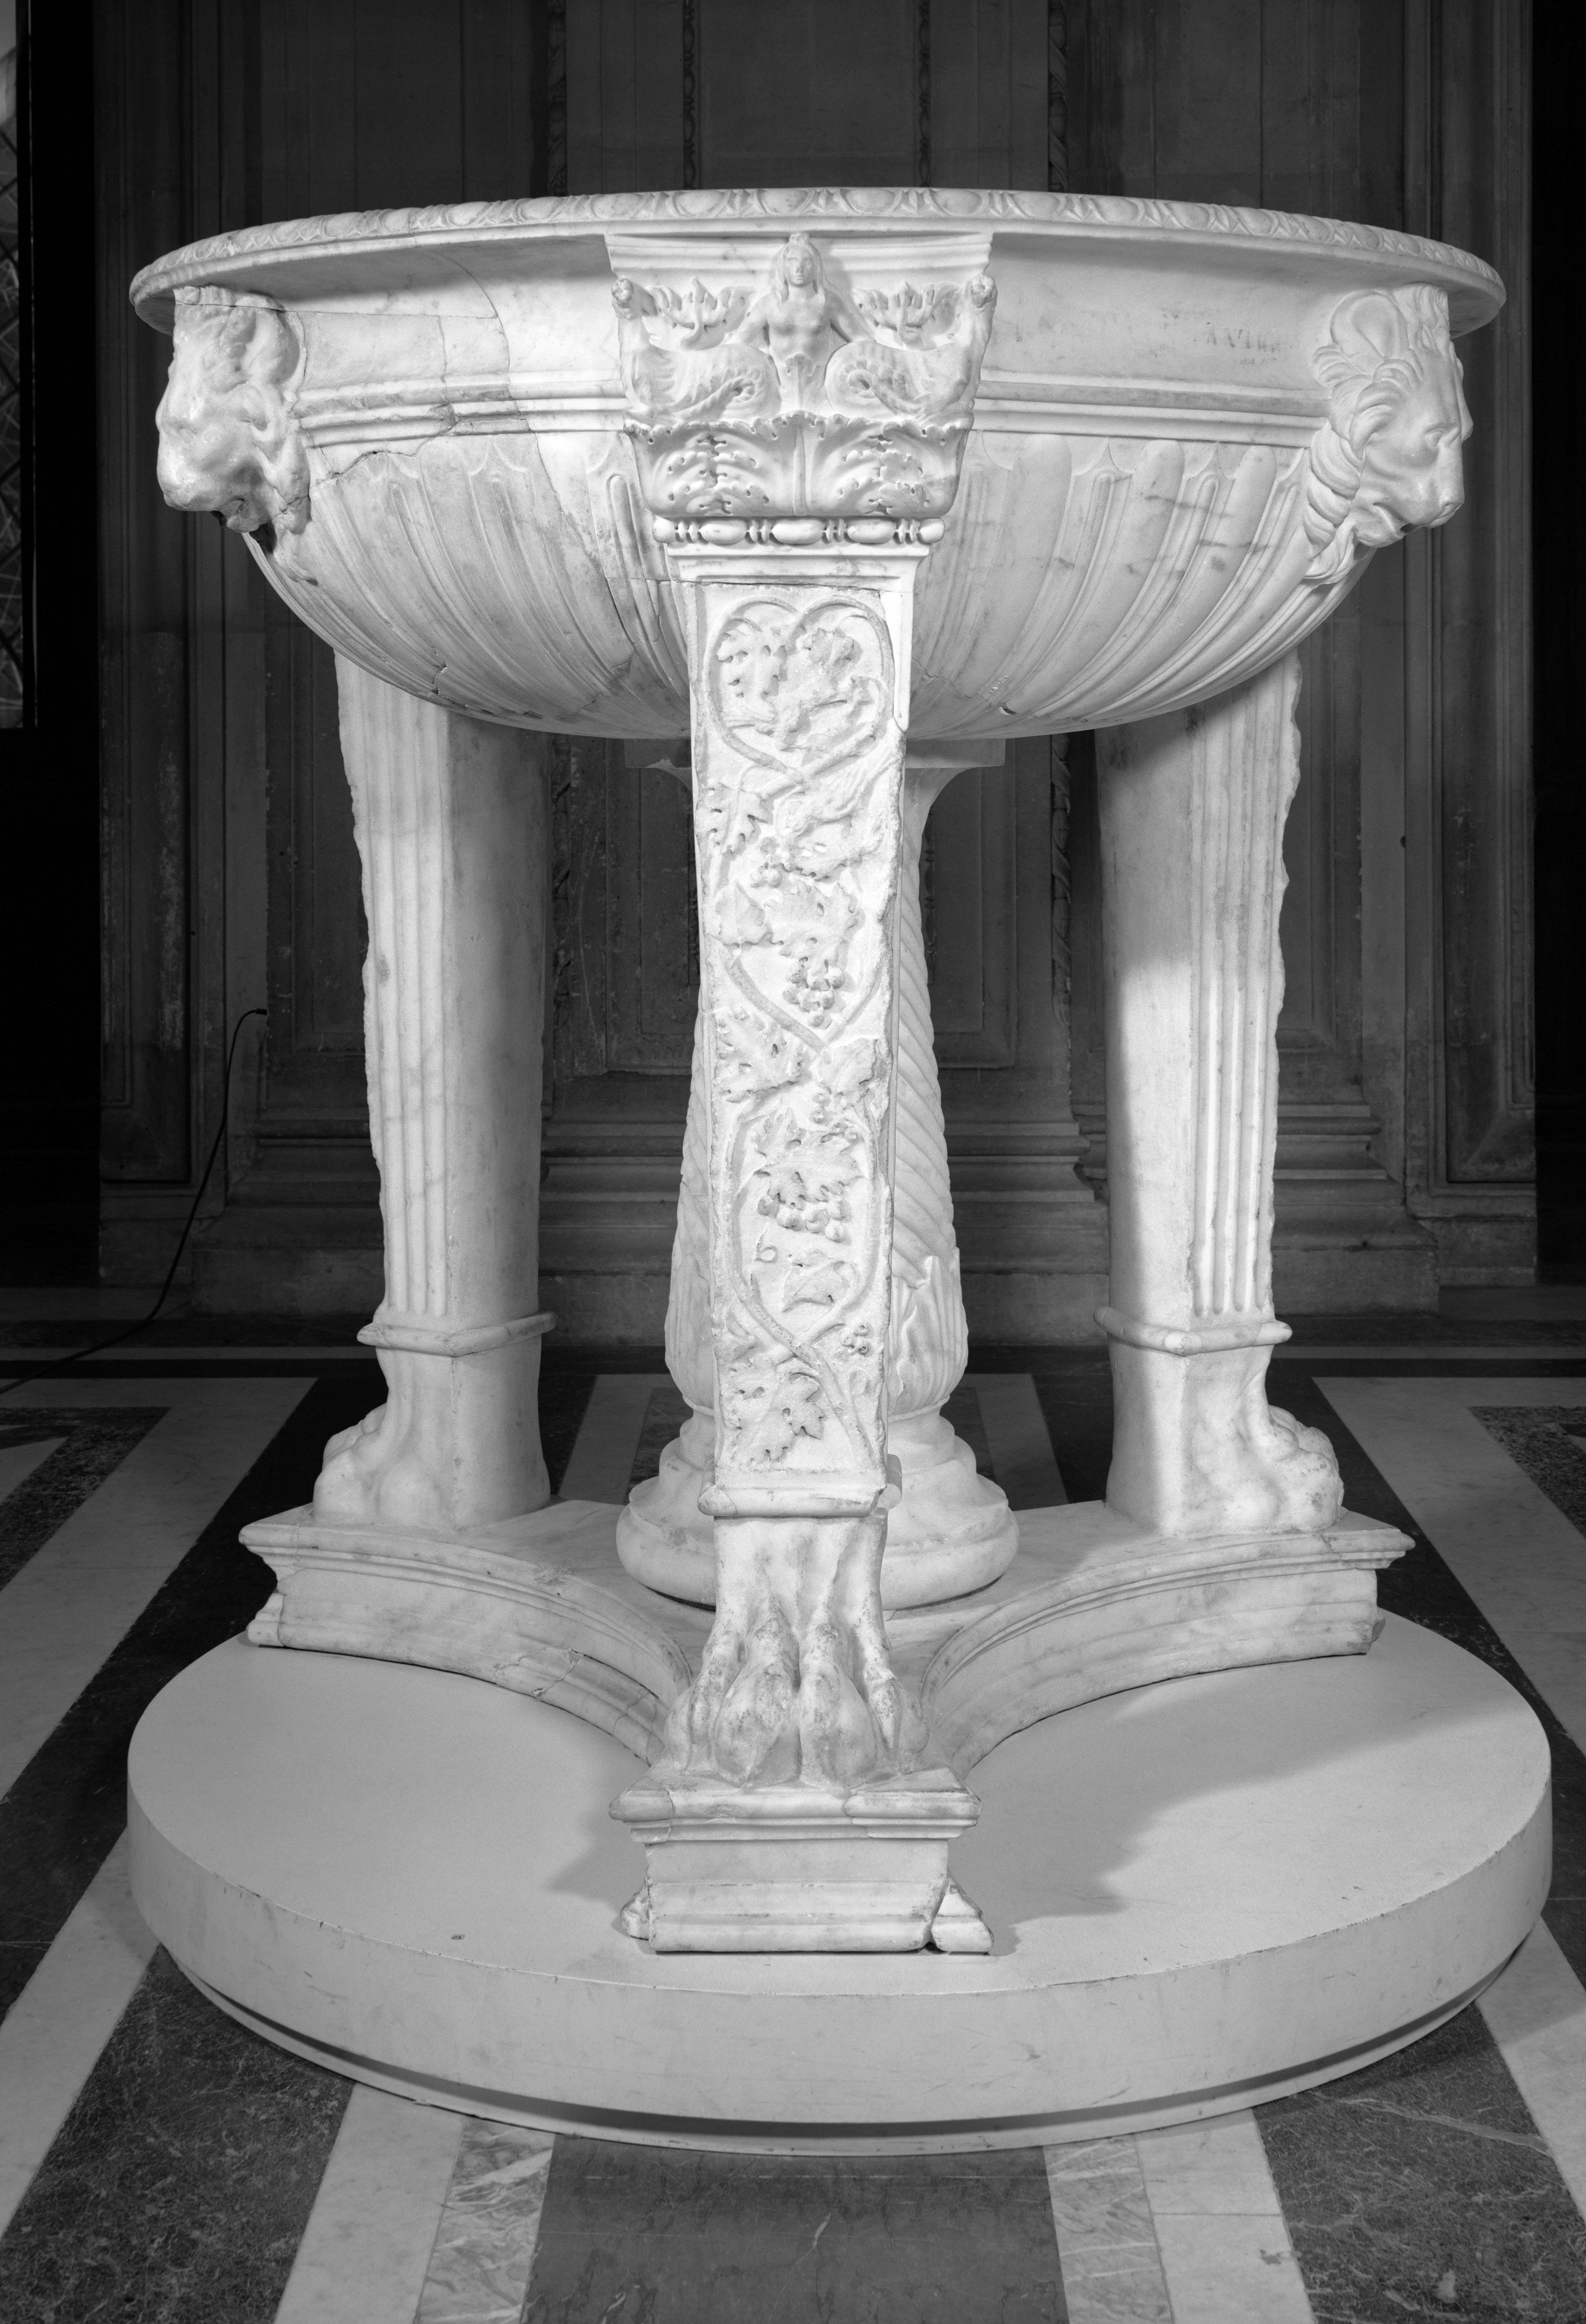 Tripode in marmo, età adrianea, Paris, Musée du Louvre, inv. MA 990 Foto © Musée du Louvre, Dist. RMN-Grand Palais / image Musée du Louvre